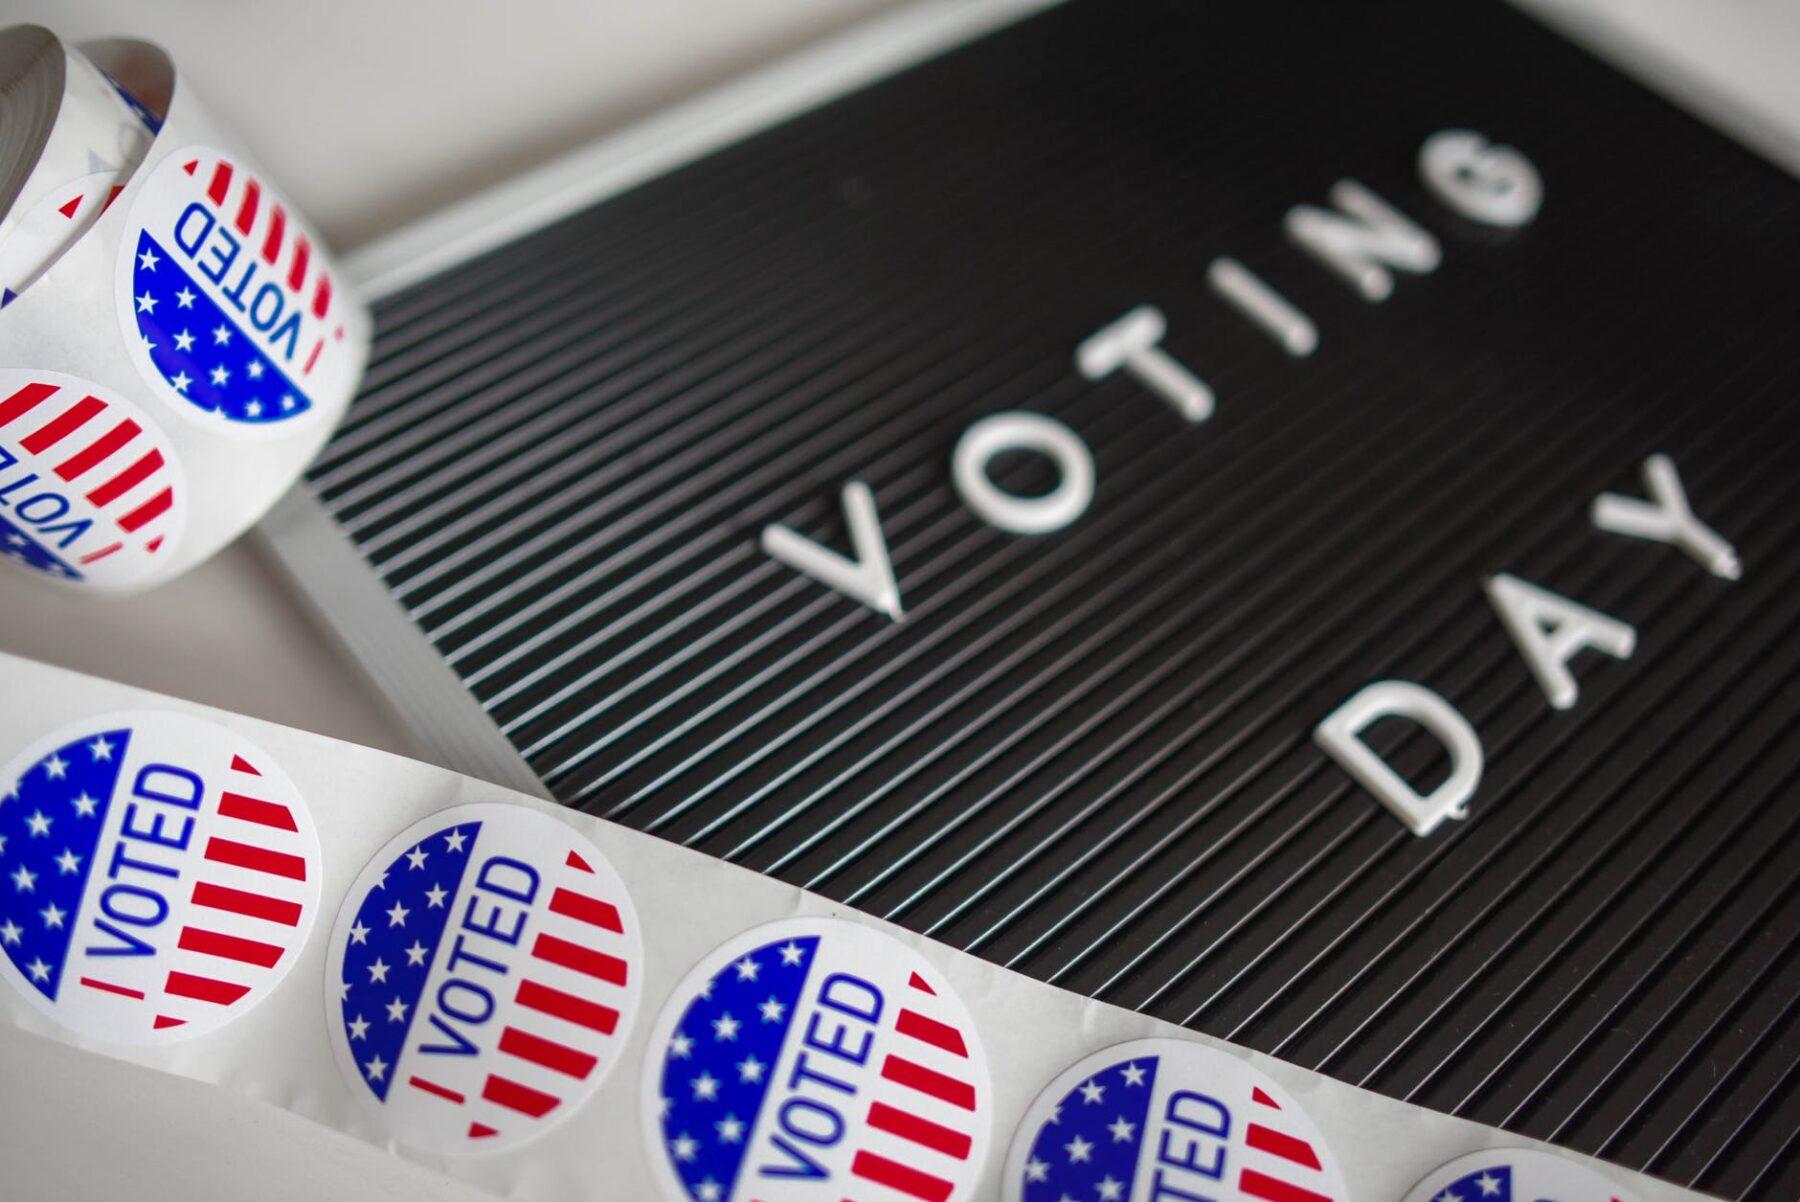 Historyczne wybory prezydenckie w Stanach Zjednoczonych – nowe wydanie Ekspresu Amerykańskiego